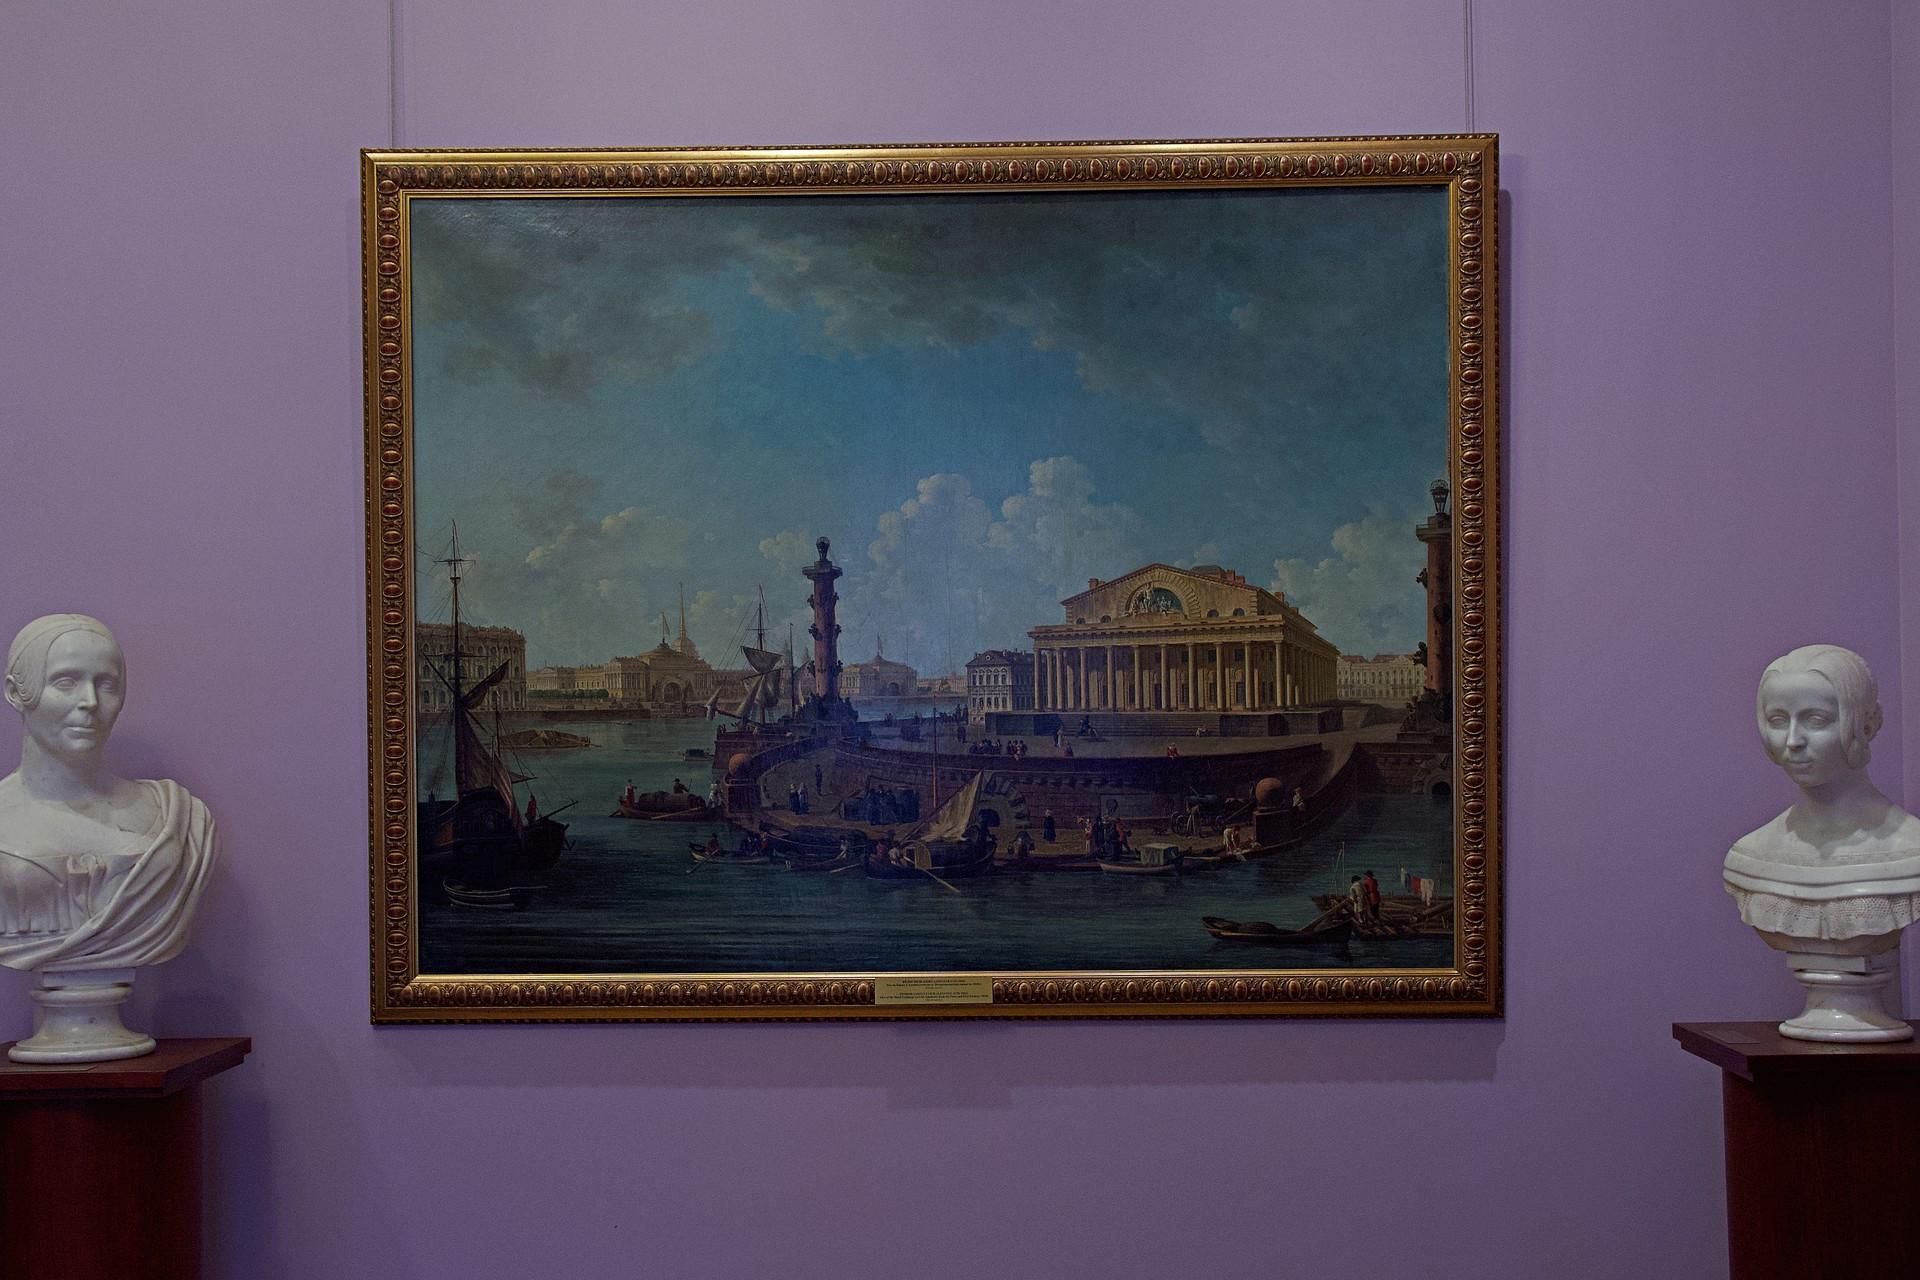 Und auch Sankt Petersburg selbst ist natürlich vertreten - als Gemälde von Fjodor Alexejew (1753-1824): Blick von der Peter-und-Paul-Festung auf die Börse und Admiraltejstwo,1810